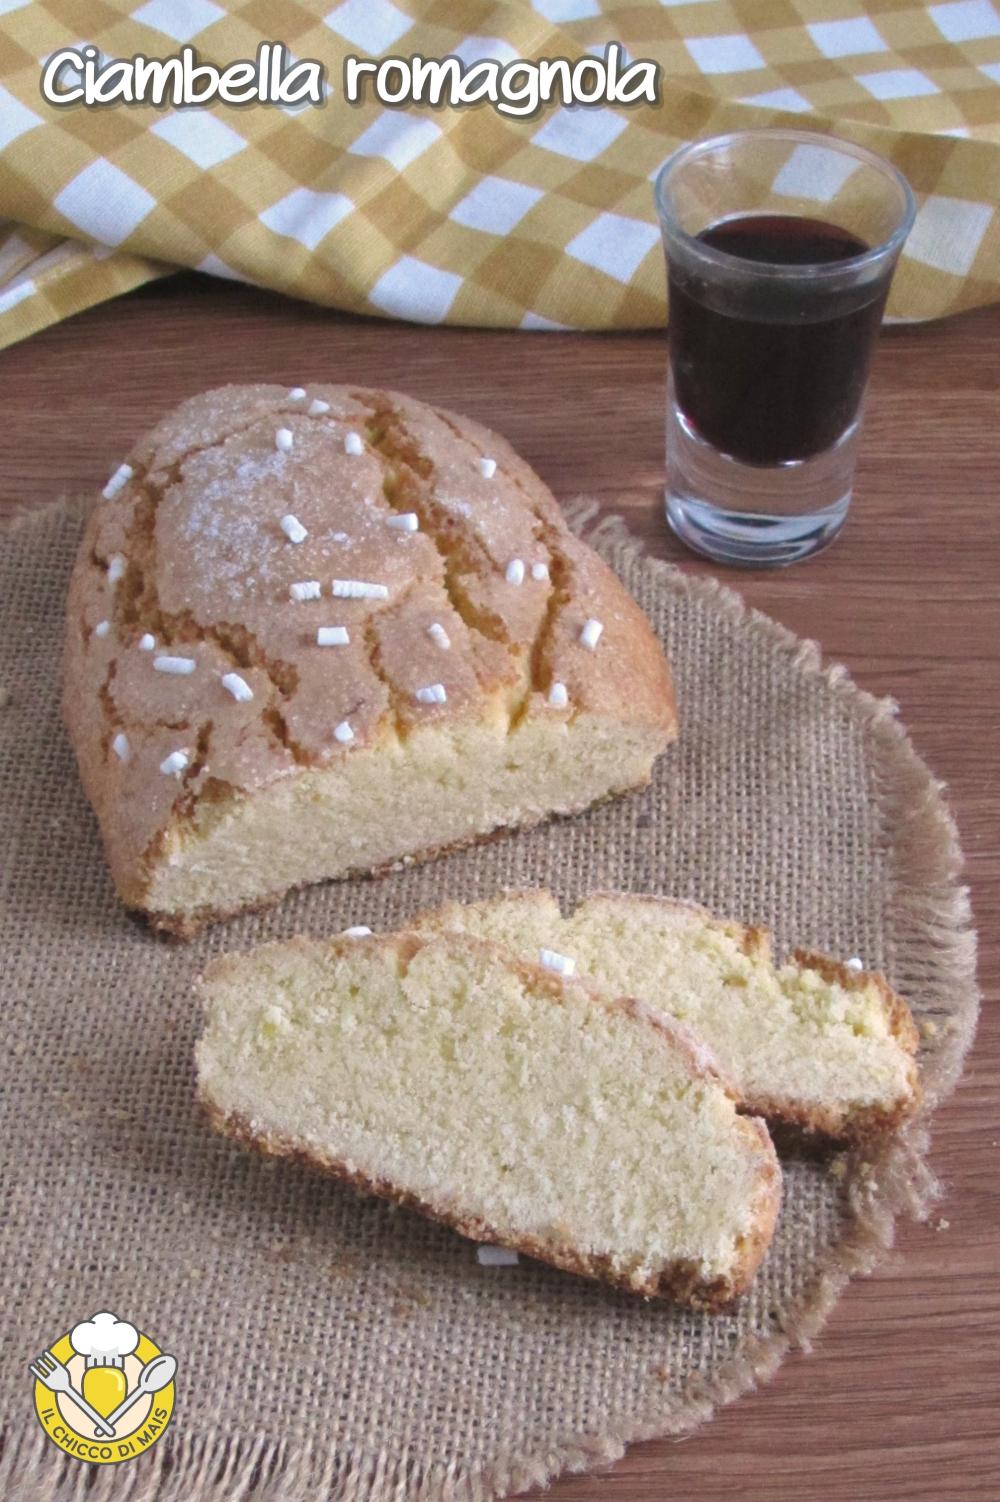 v_ ciambella romagnola brazadela ricetta tradizionale e senza glutine il chicco di mais